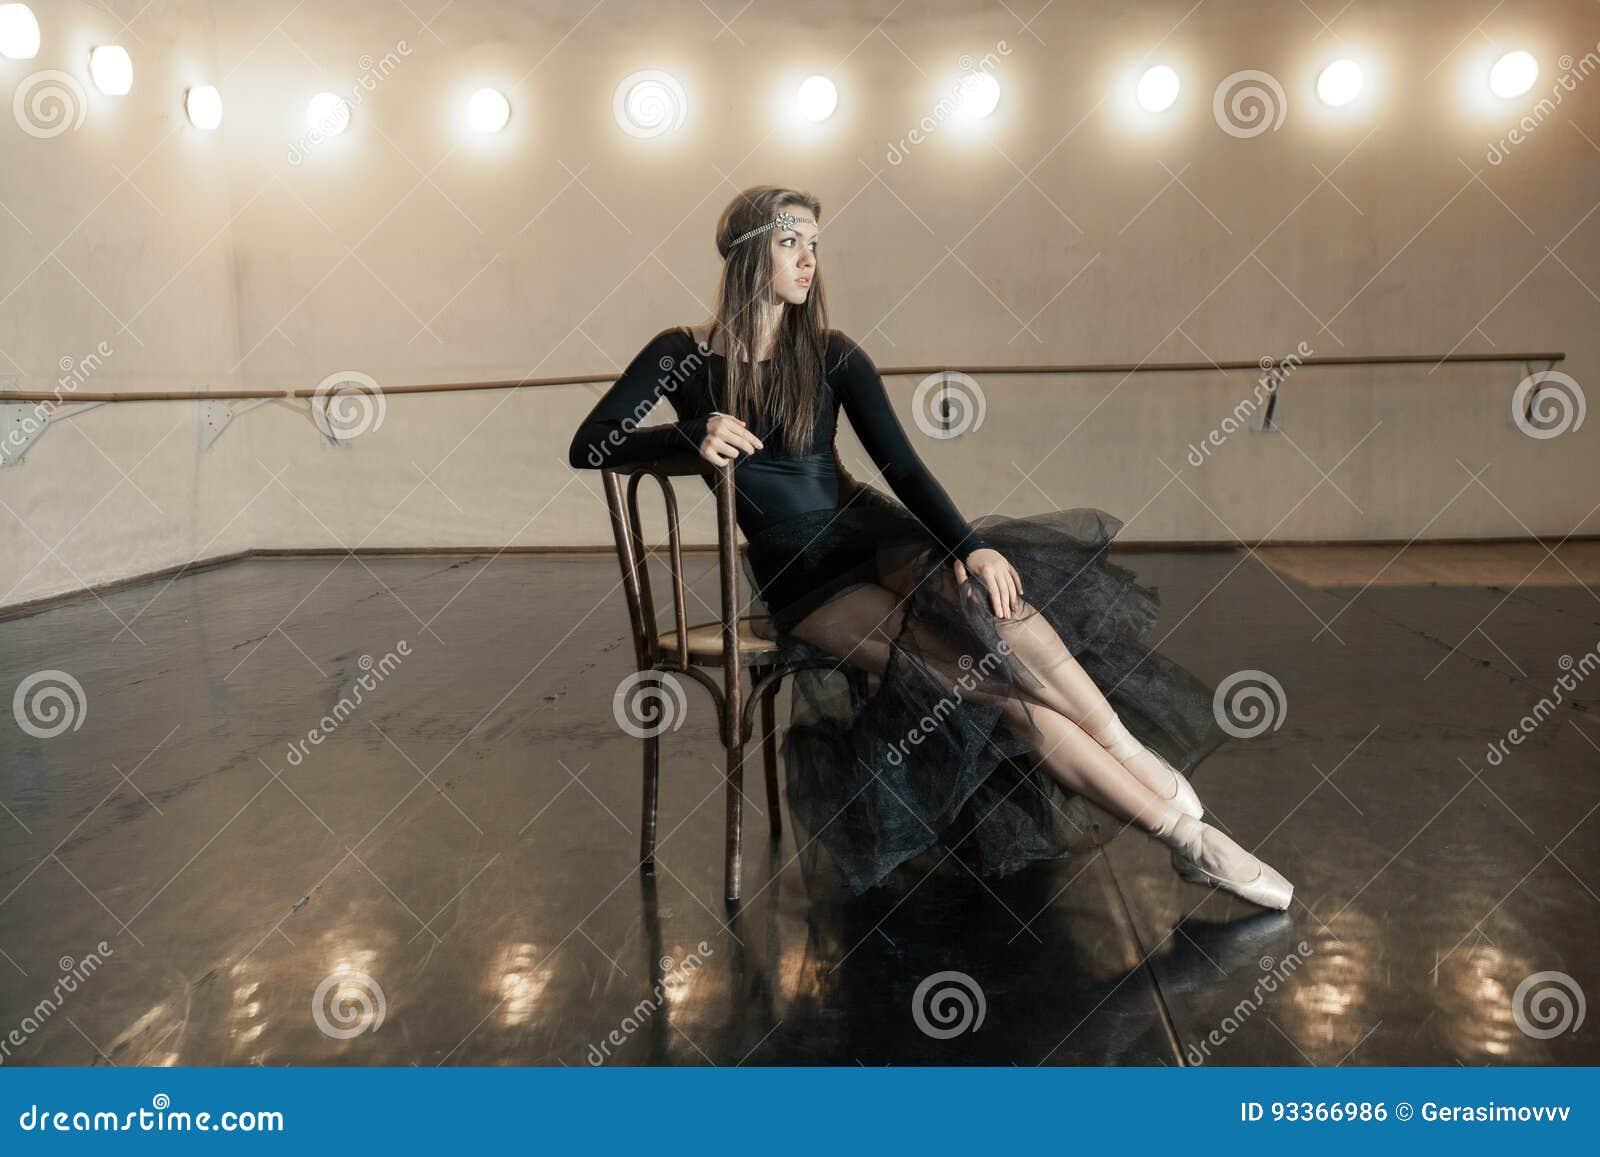 Zeitgenössischer Balletttänzer auf einem Holzstuhl auf einer Wiederholung